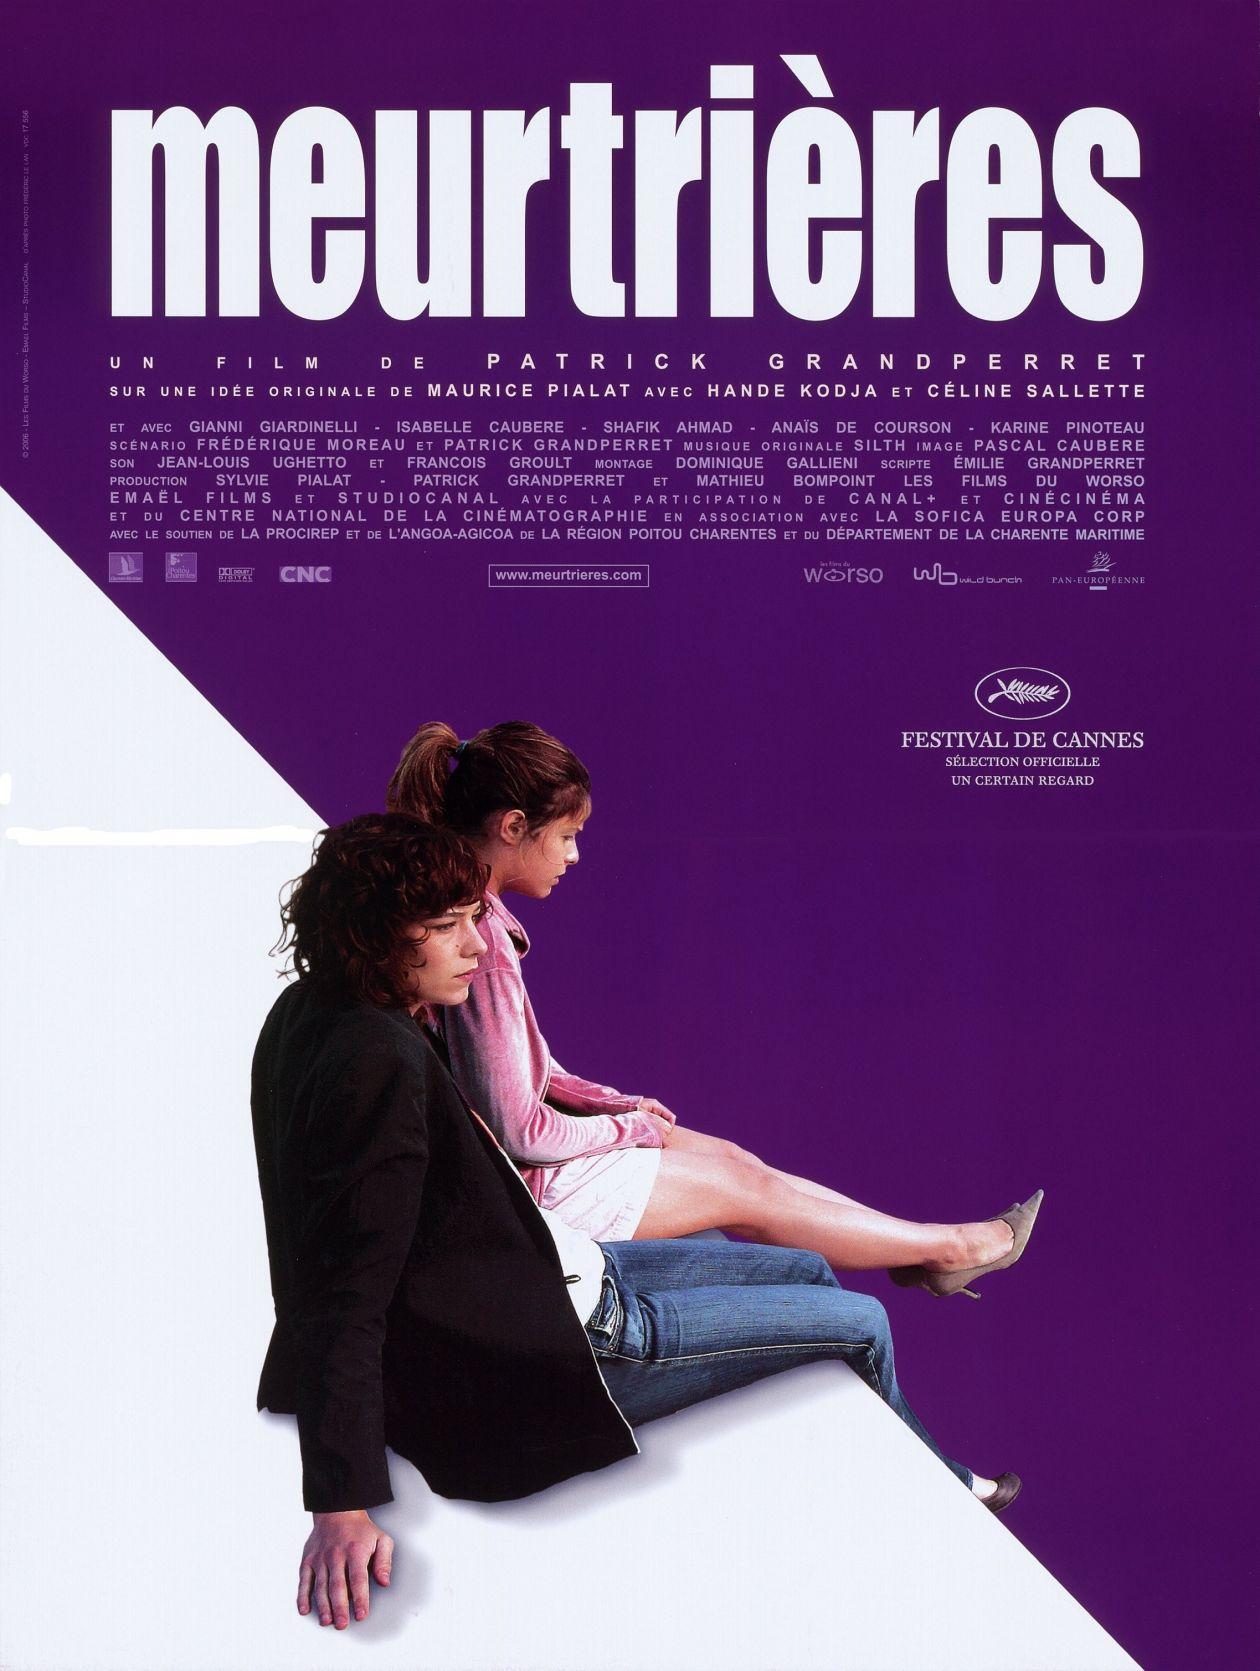 Céline Sallette / Hande Kodja actresses actrices comédiennes   Meurtrières / Movie Poster / Affiche film / Patrick Grandperret 2006